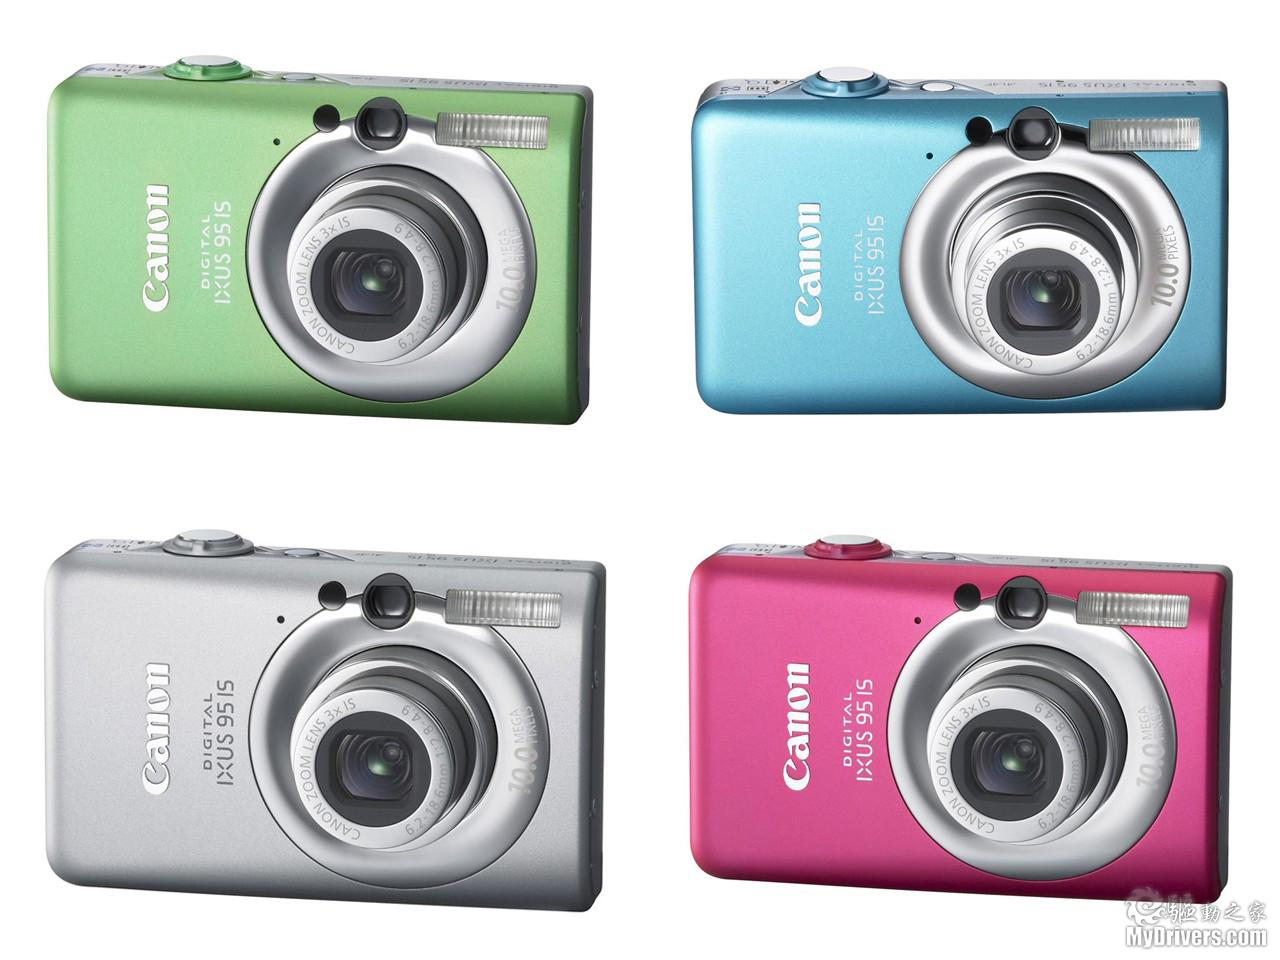 佳能IXUS95IS数码相机评测 比较适合年轻人选用